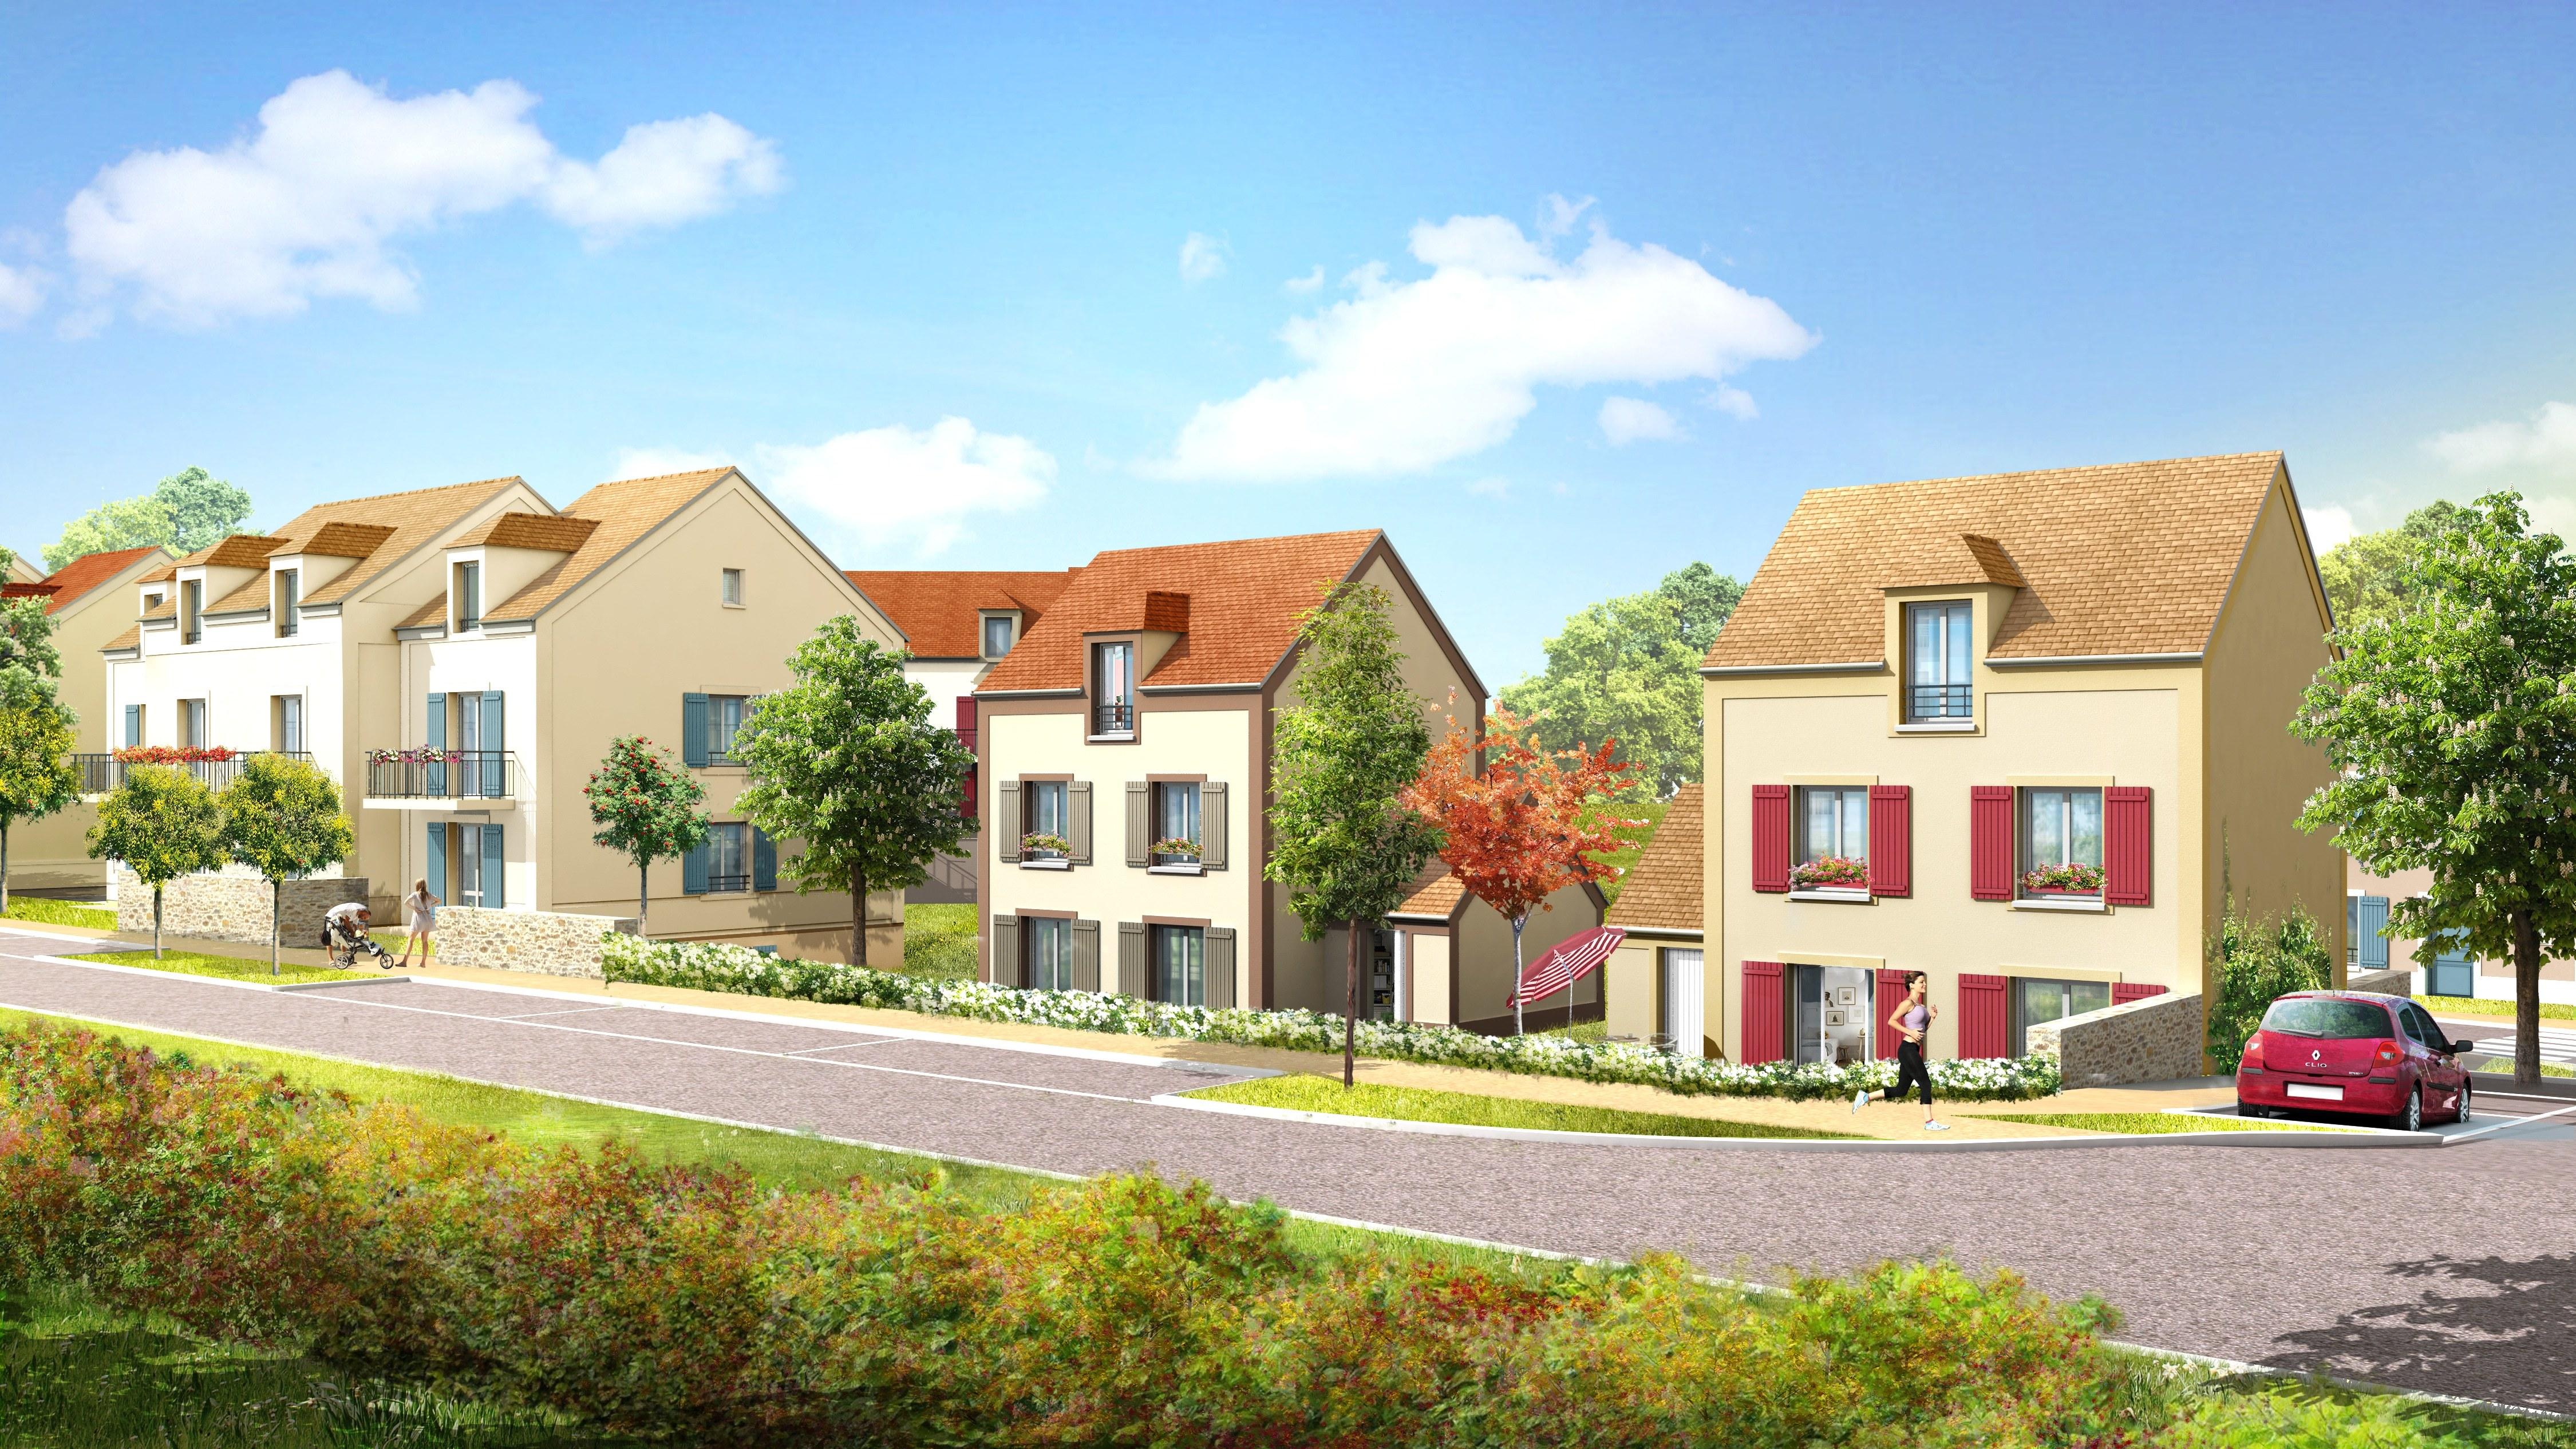 acheter une maison pas cher en france avie home ForAcheter Maison En France